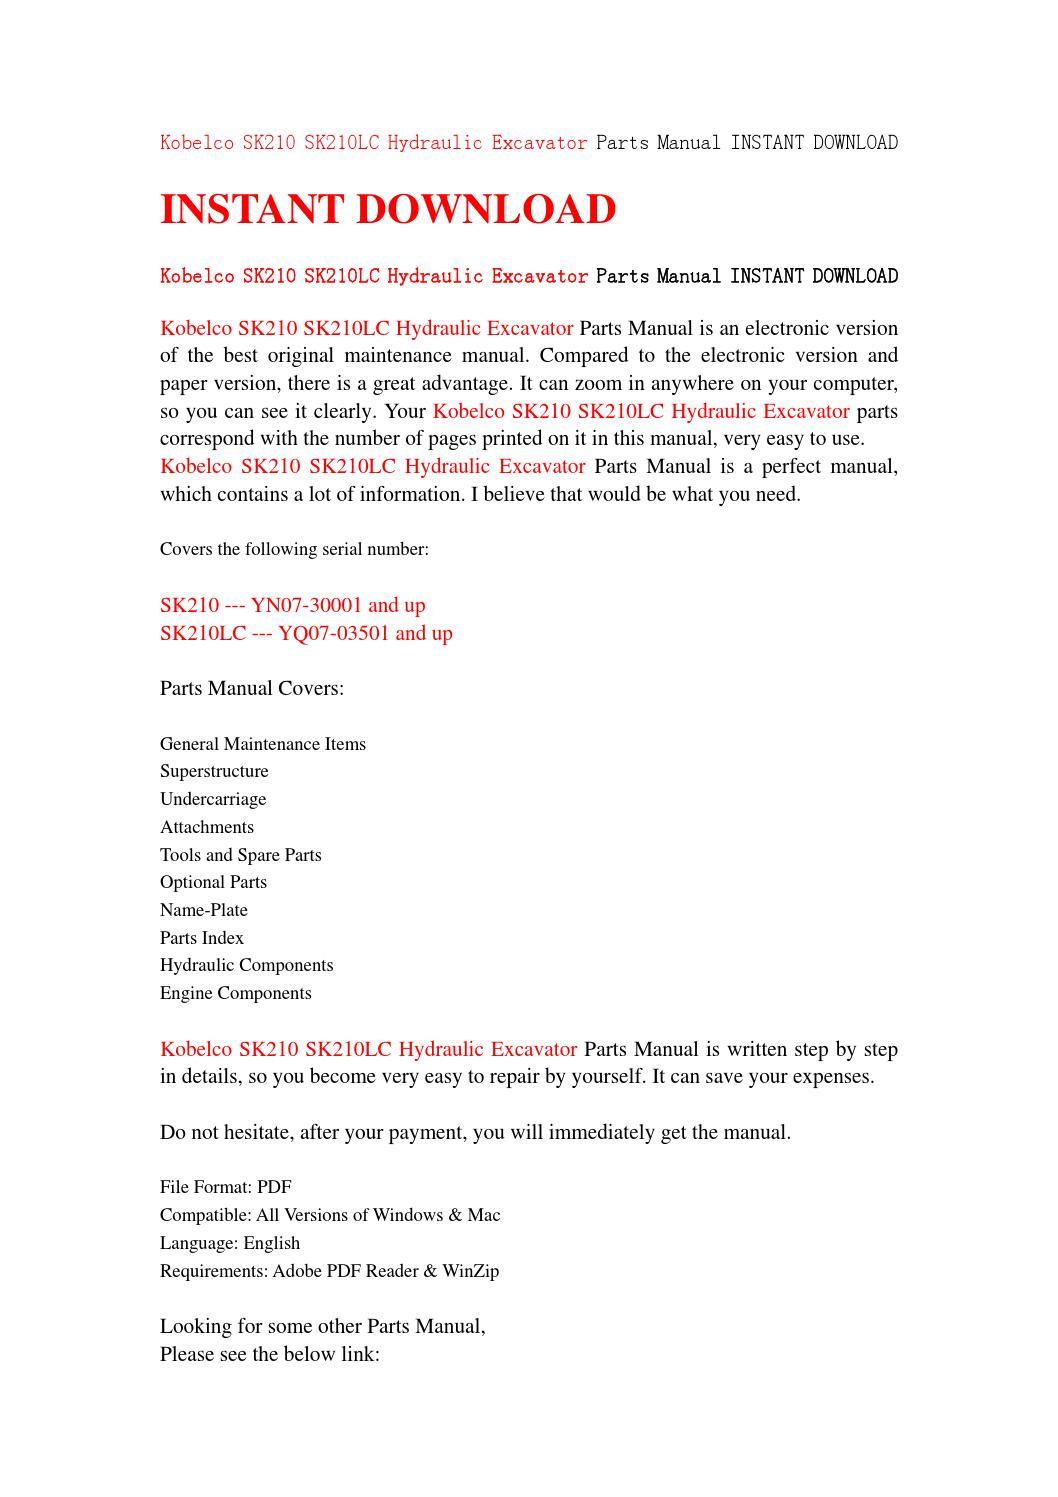 Kobelco sk210 sk210lc hydraulic excavator parts manual